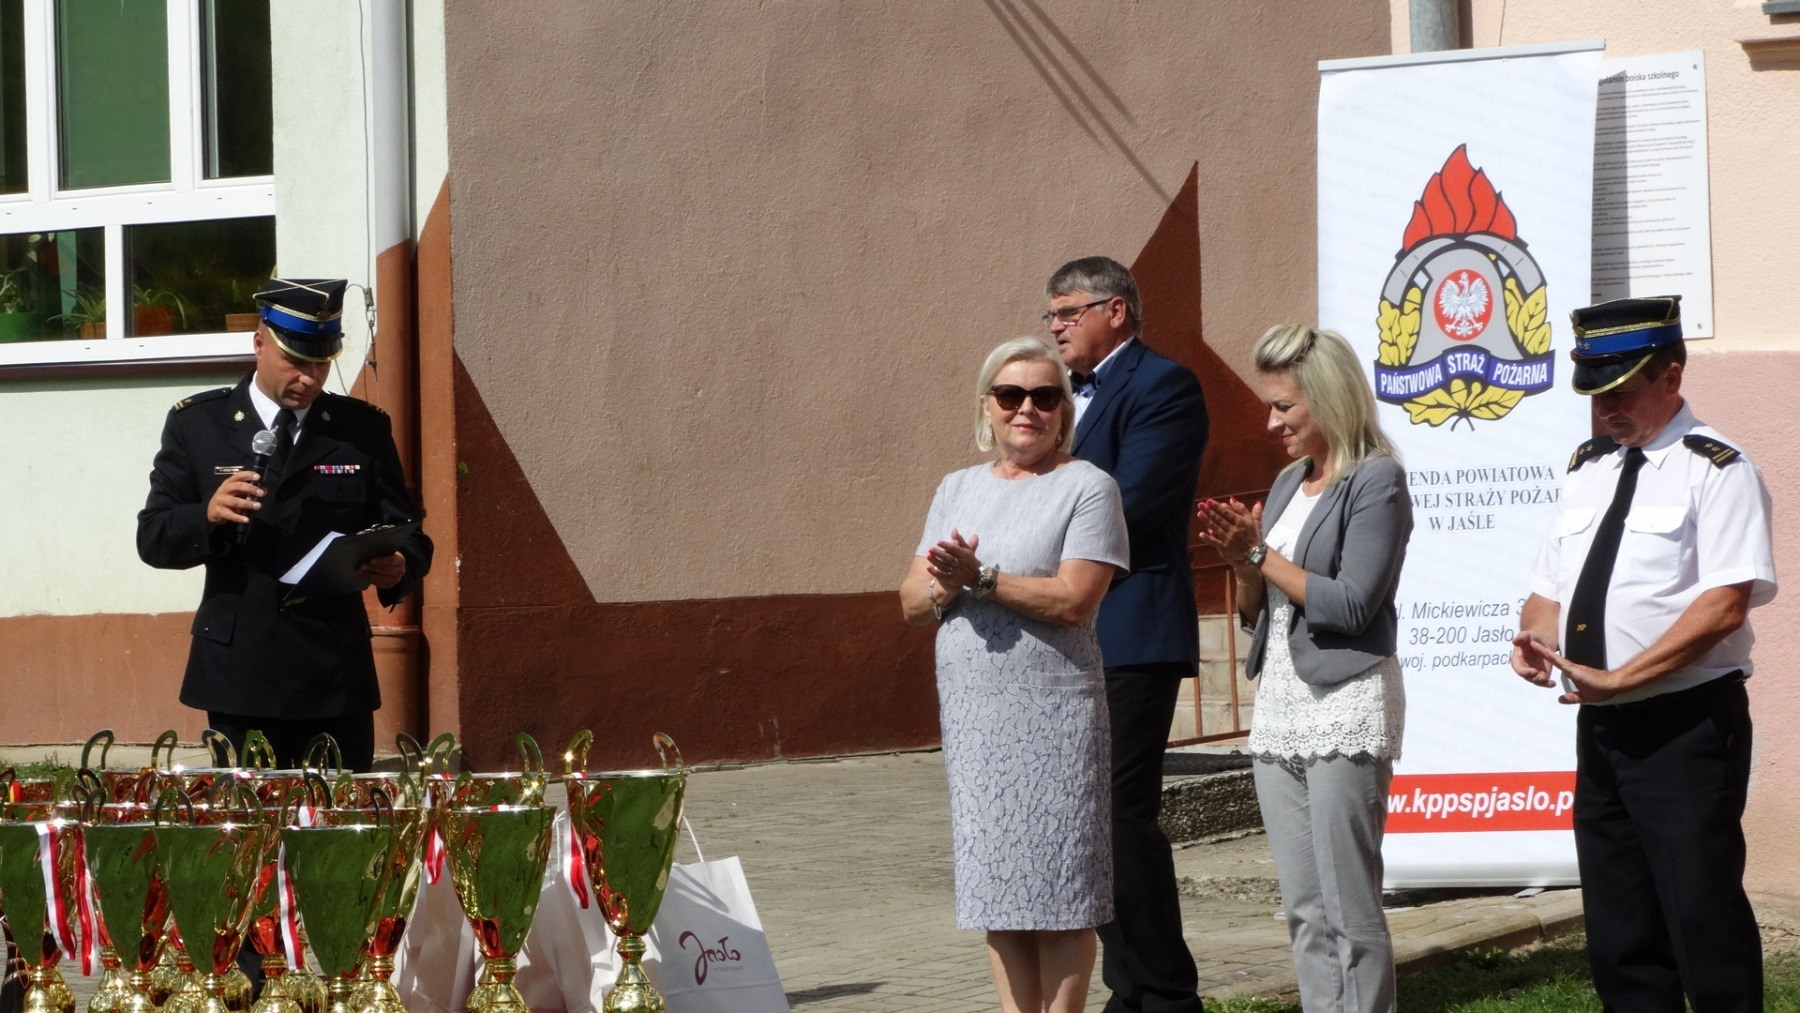 III Mistrzostwa Polski Strażaków w Biegu Górskim w Krempnej